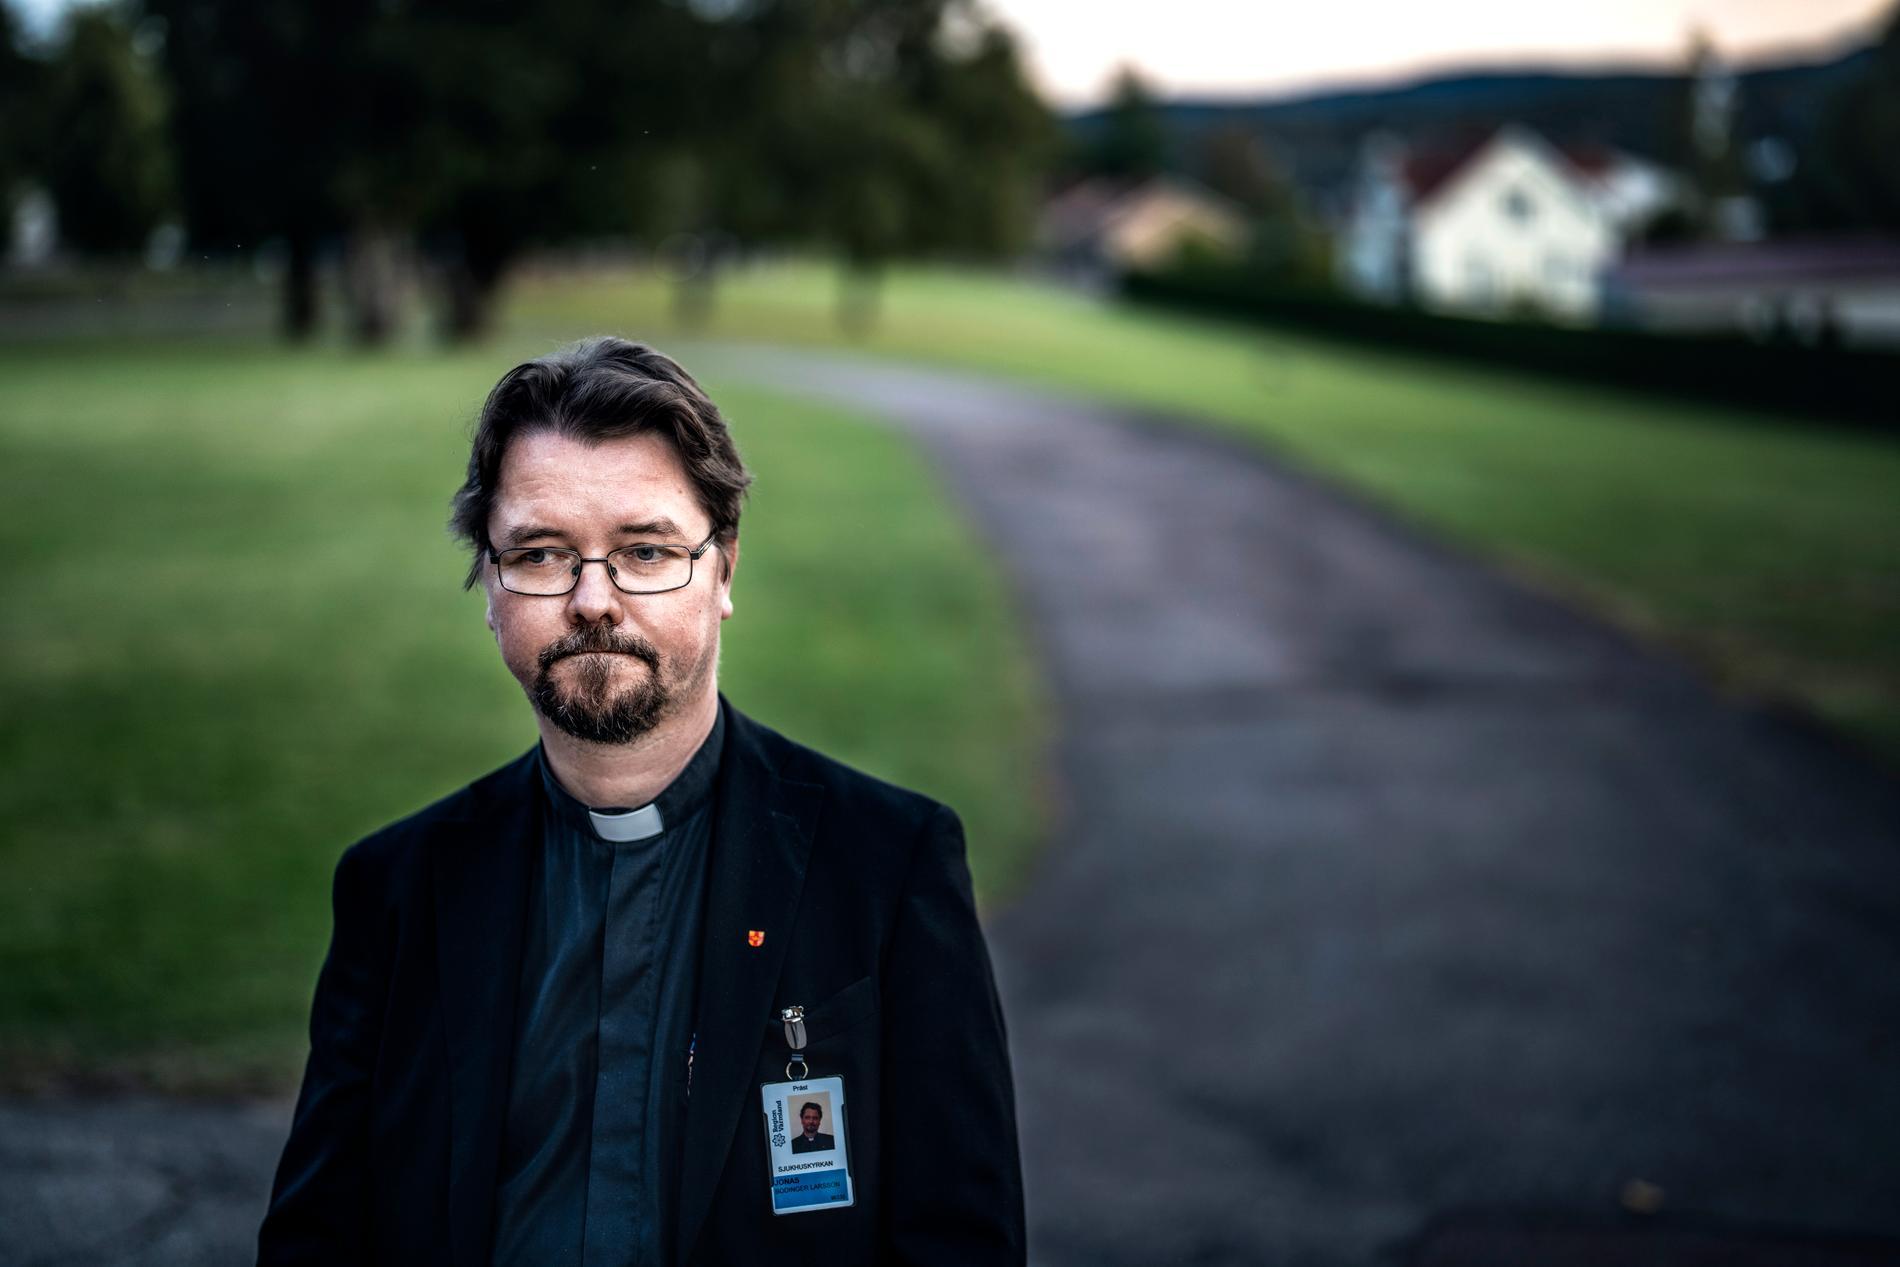 Jonas Bodinger Larsson stod utanför kyrkan där de som ville kunde söka upp honom för stöd.